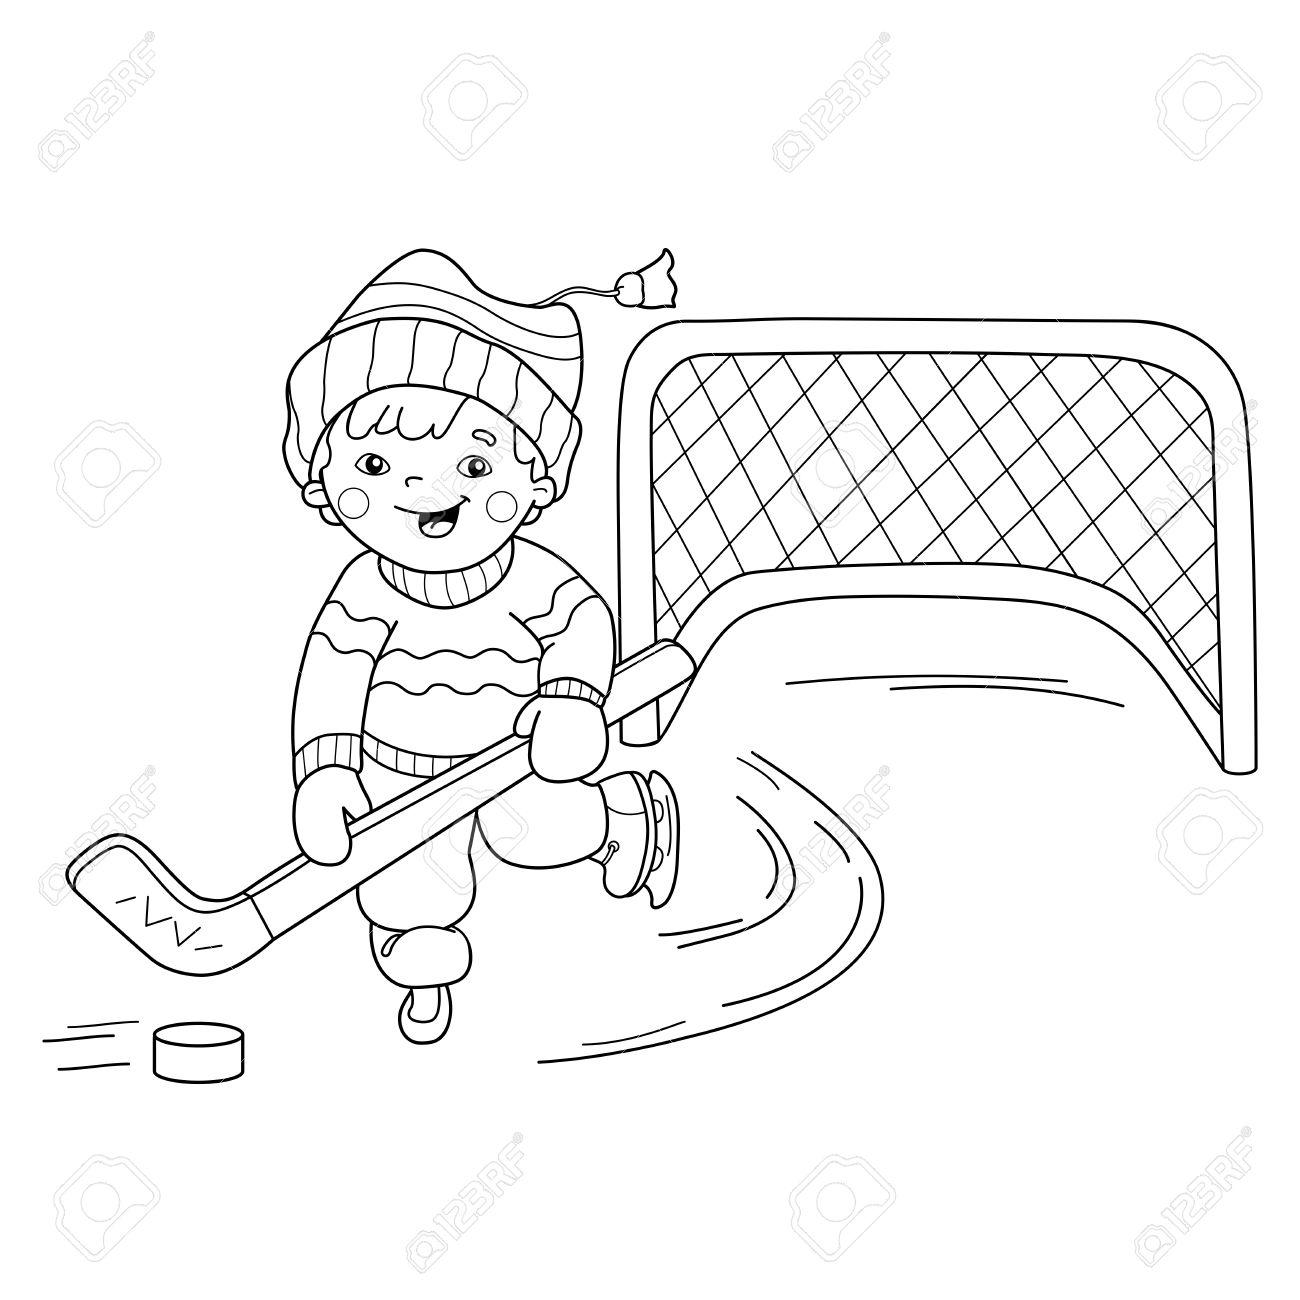 Fantástico Hockey Para Colorear Páginas Nhl Imagen - Ideas Para ...